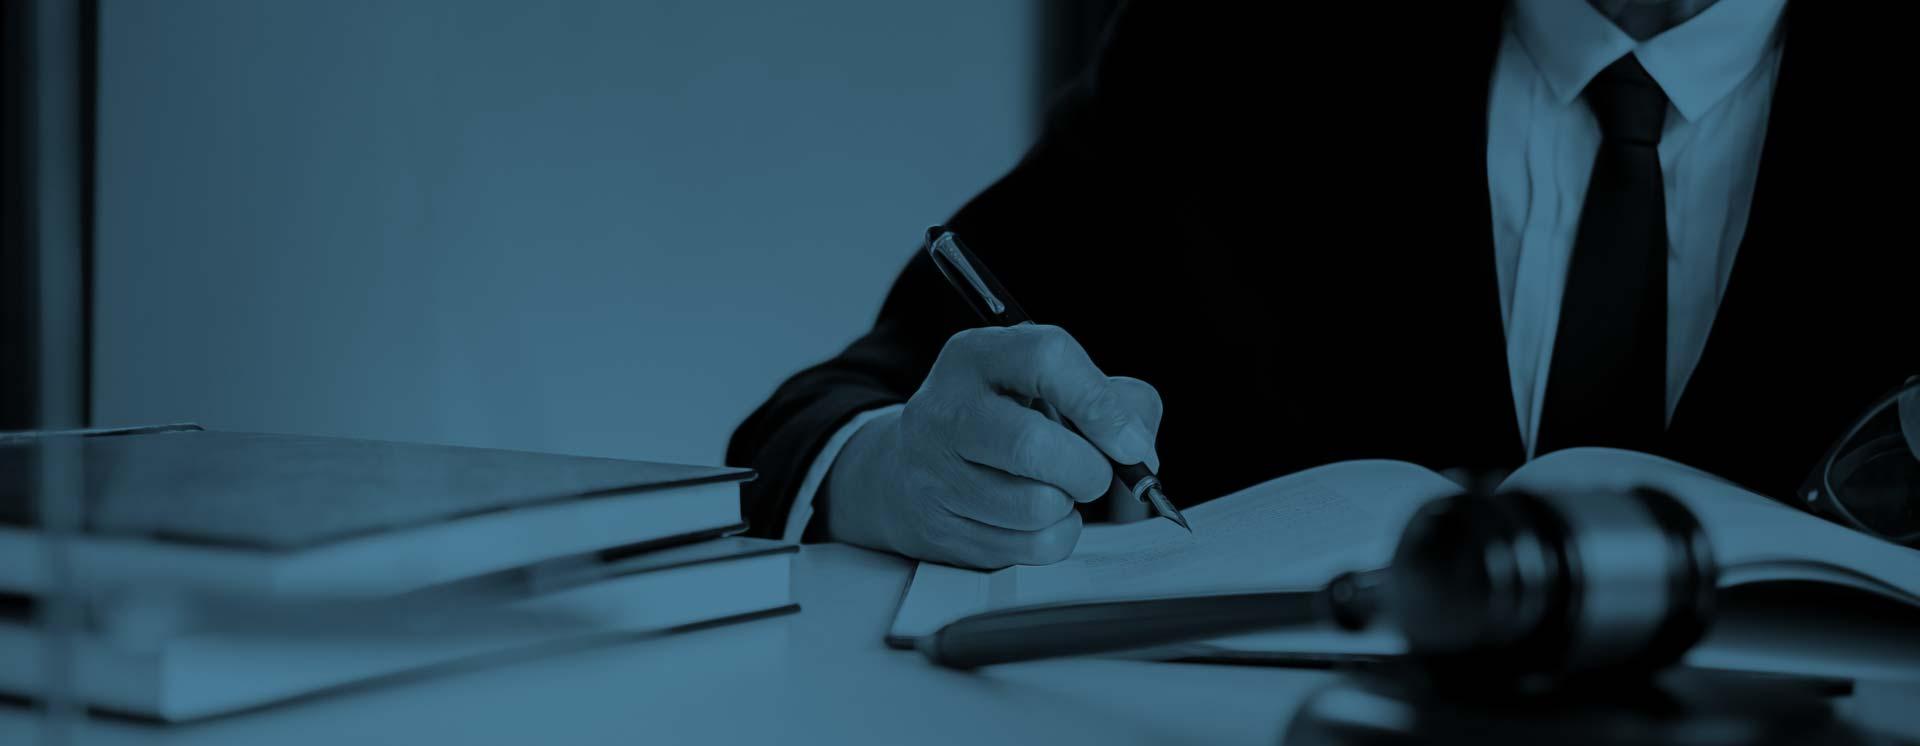 Divórcio Judicial e Cartório